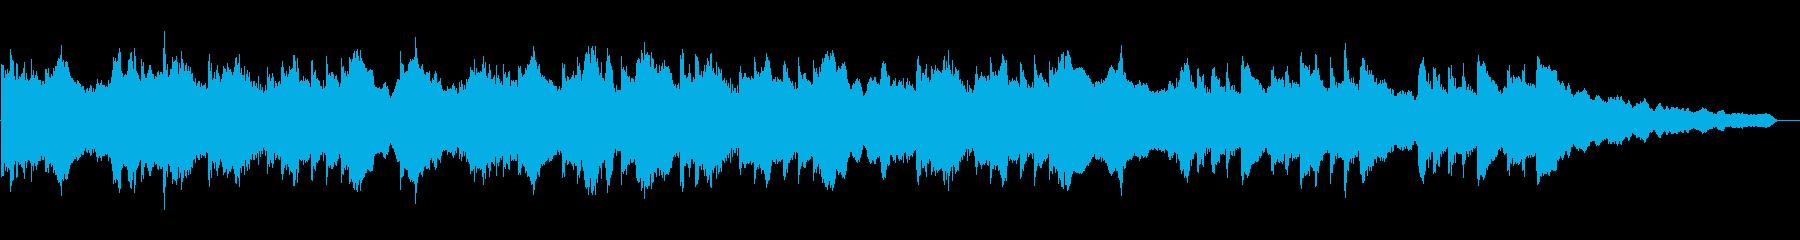 和風な旋律のゆったりとしたBGMの再生済みの波形